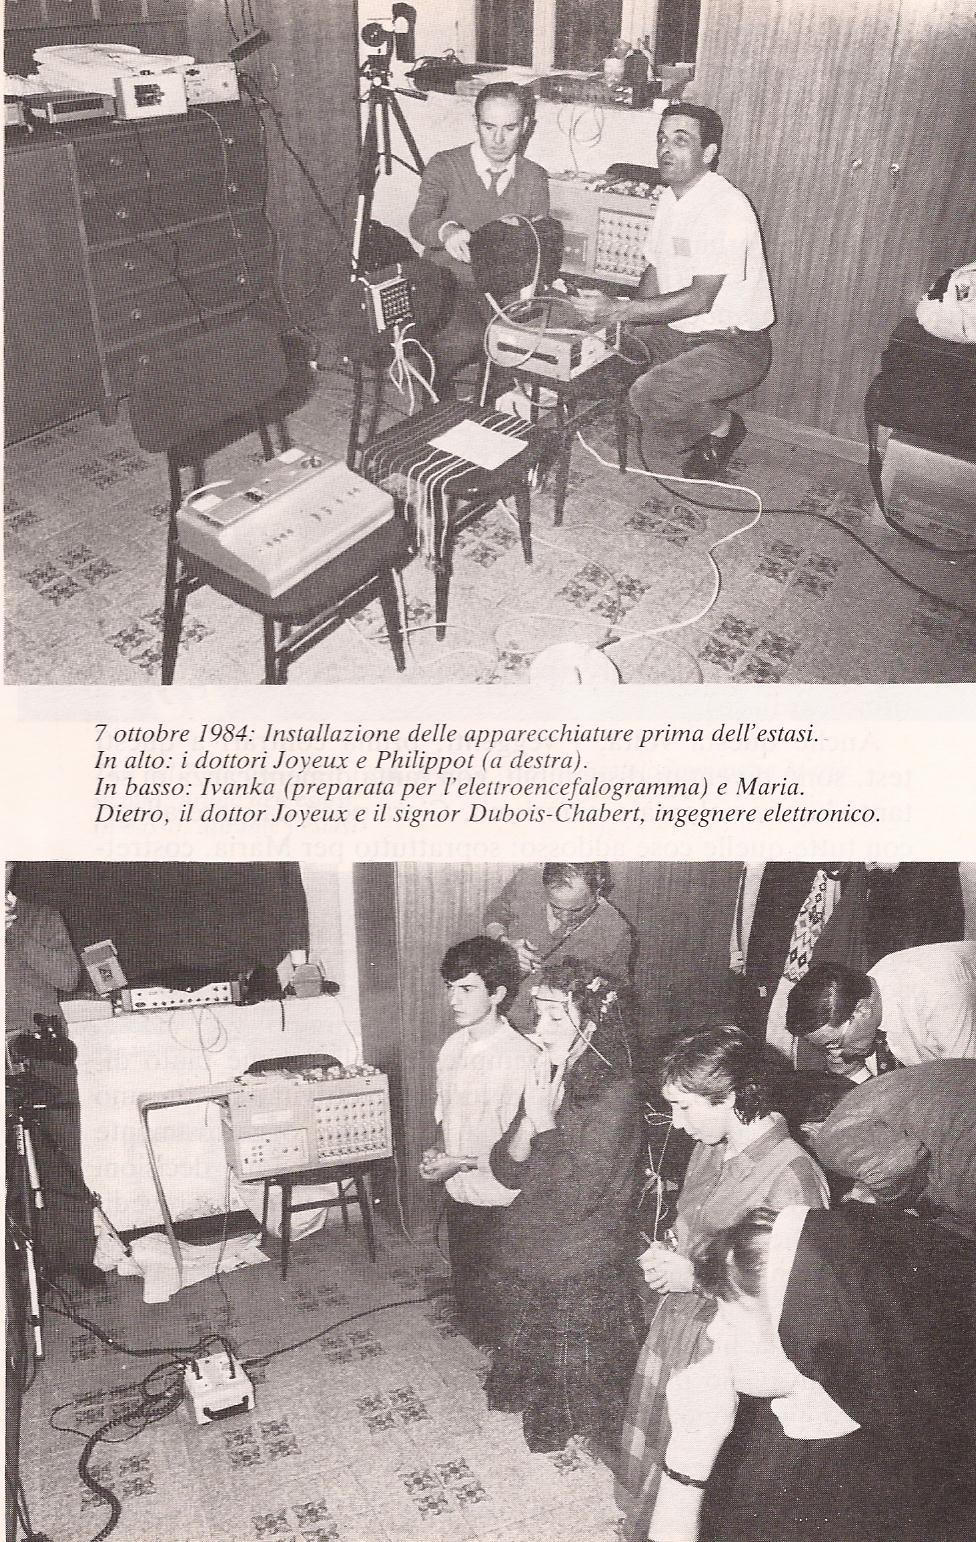 medjugorje_studi_elettroencefalogramma_07_10_1984